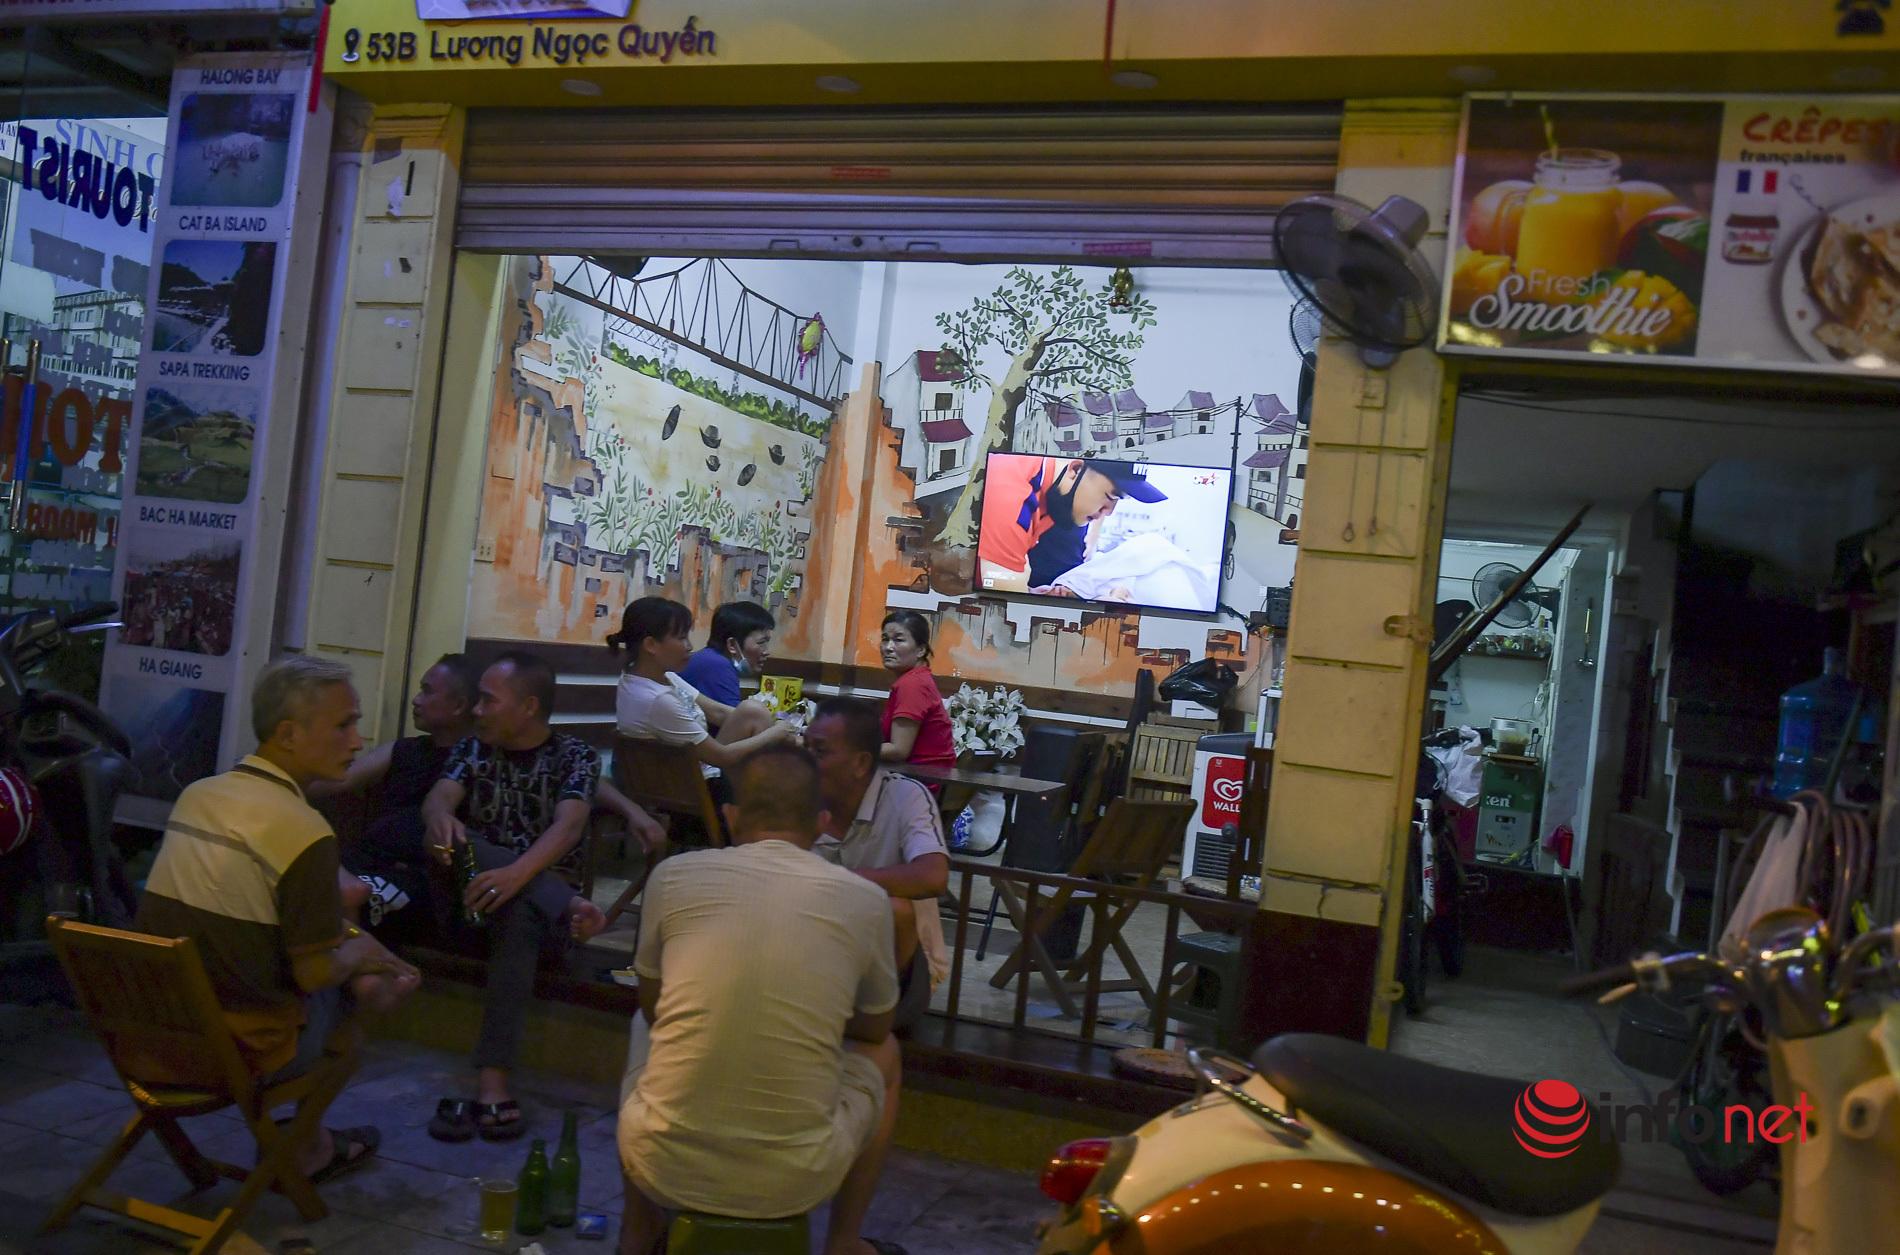 Vừa được 'nới lỏng', hàng quán phố cổ Hà Nội lại náo nhiệt sau 'giờ giới nghiêm'